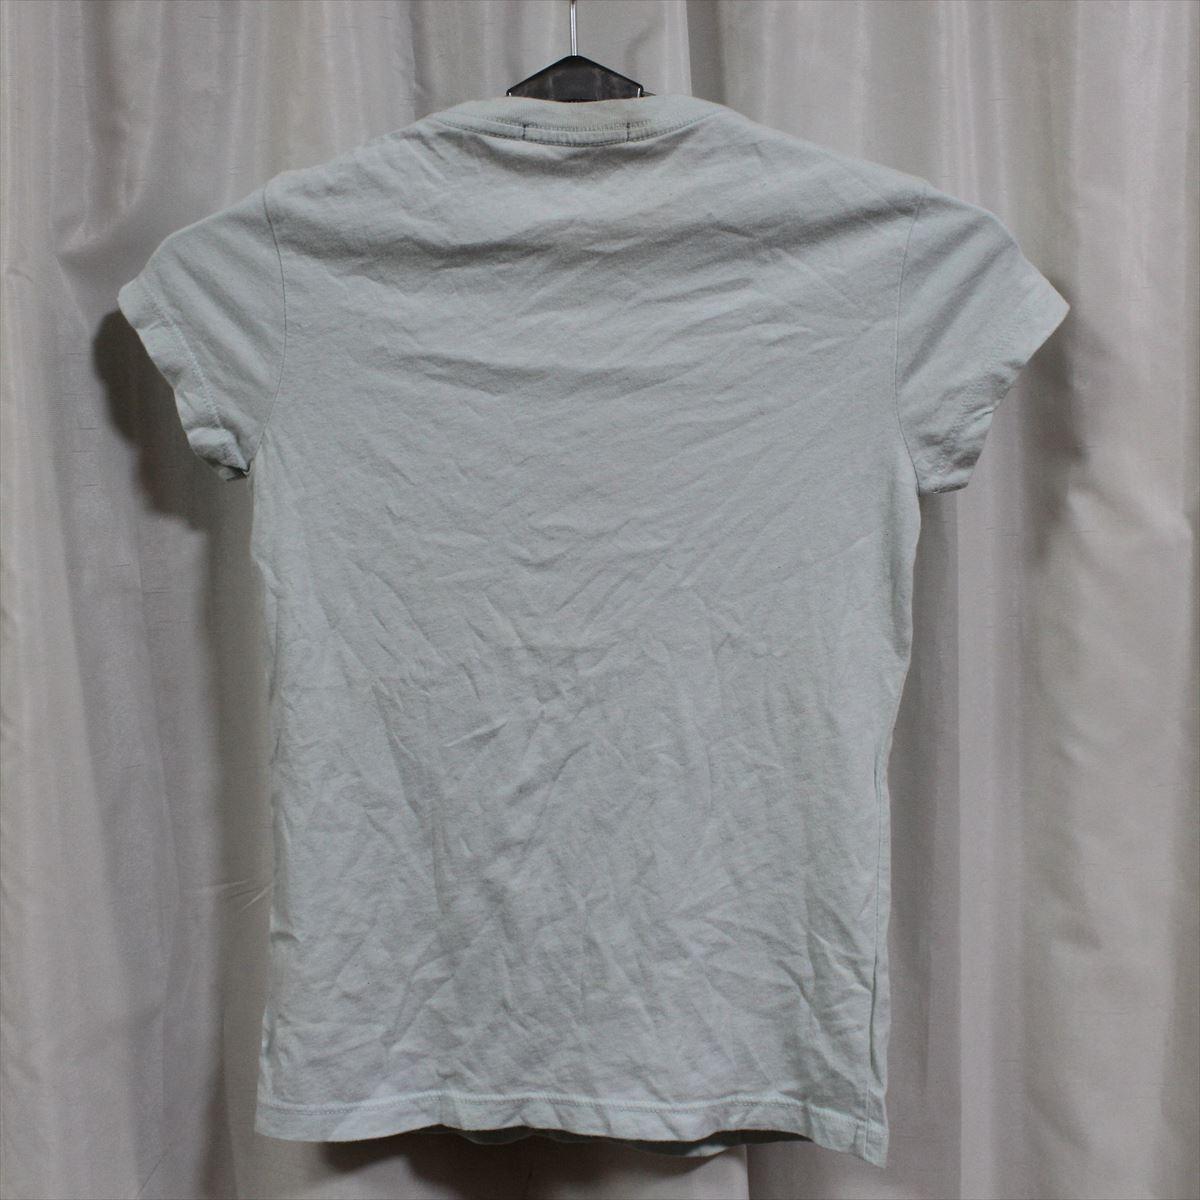 パメラアンダーソン Pamera Anderson レディース半袖Tシャツ ライトブルー Sサイズ アウトレット_画像3